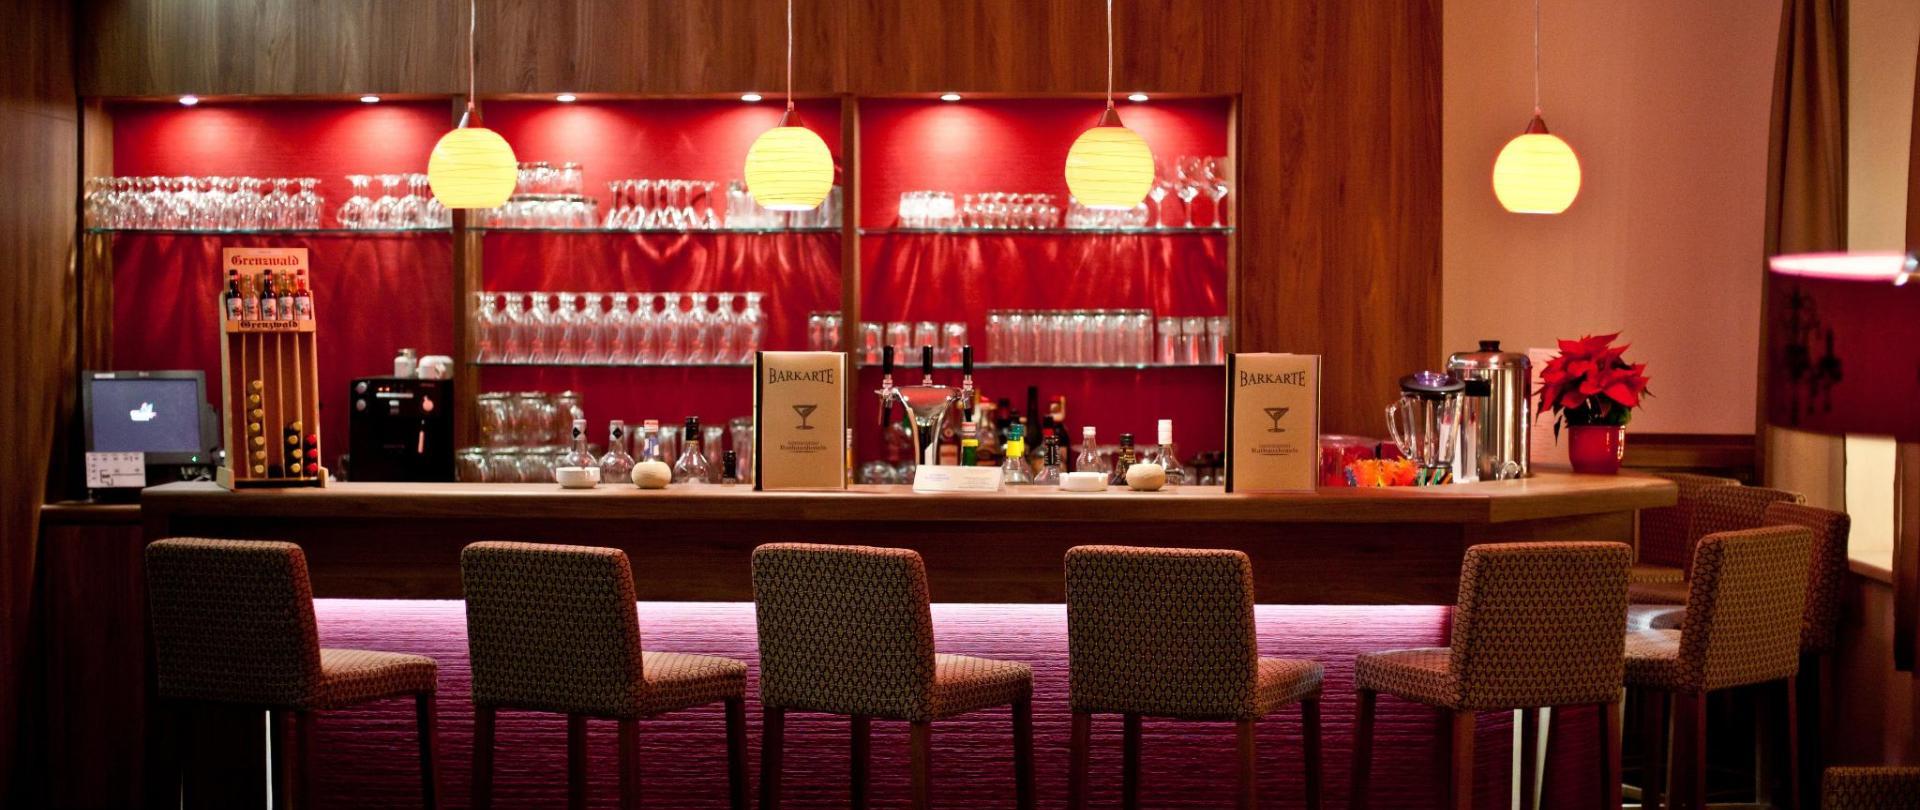 Rathaushotels-Hotelbar (1).jpg